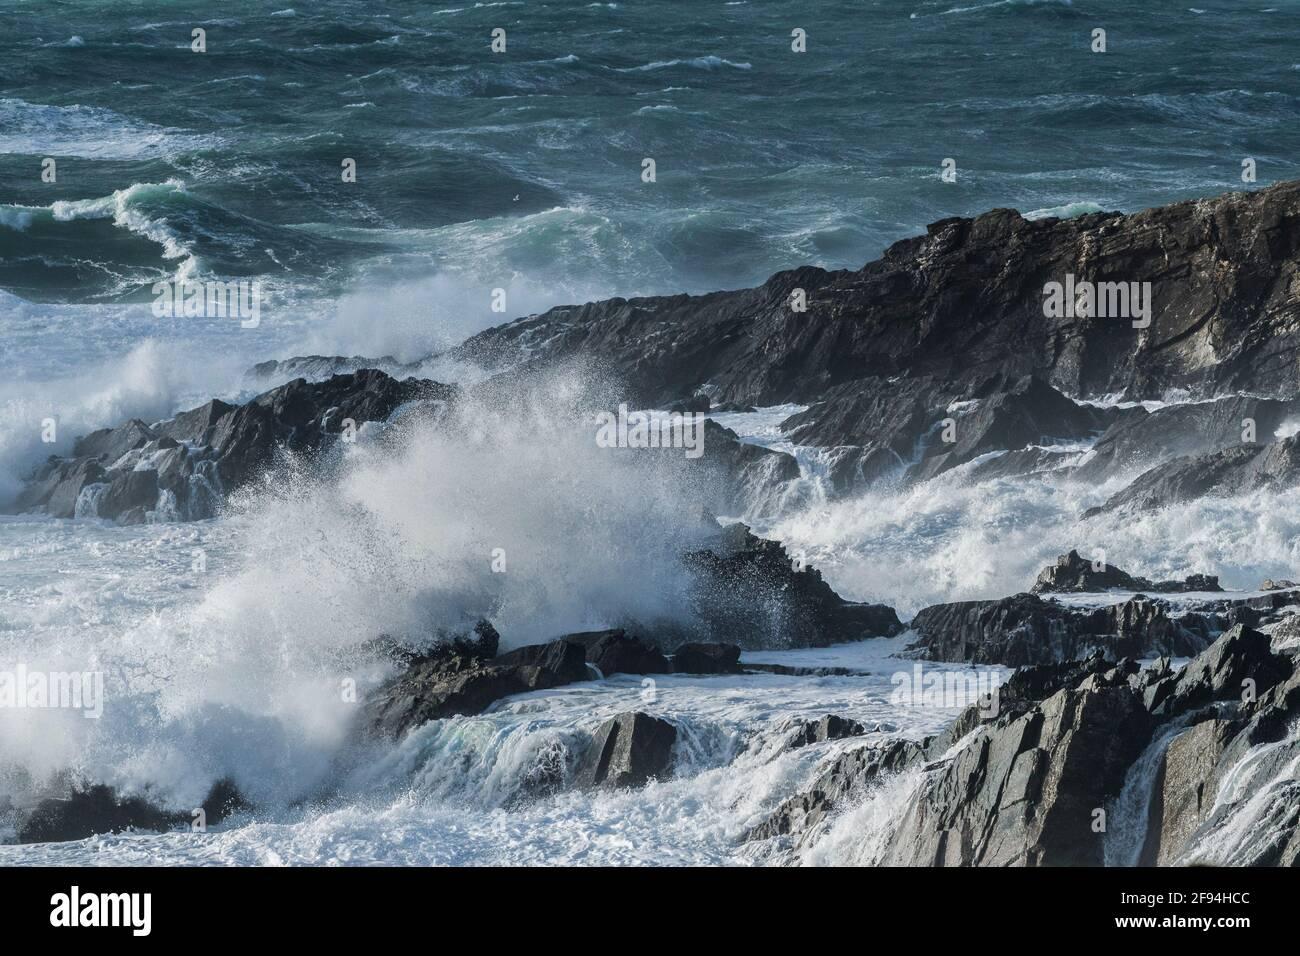 Wellen schlagen über den Cribbar Rocks an der Küste von Towan Head in Newquay in Cornwall. Stockfoto